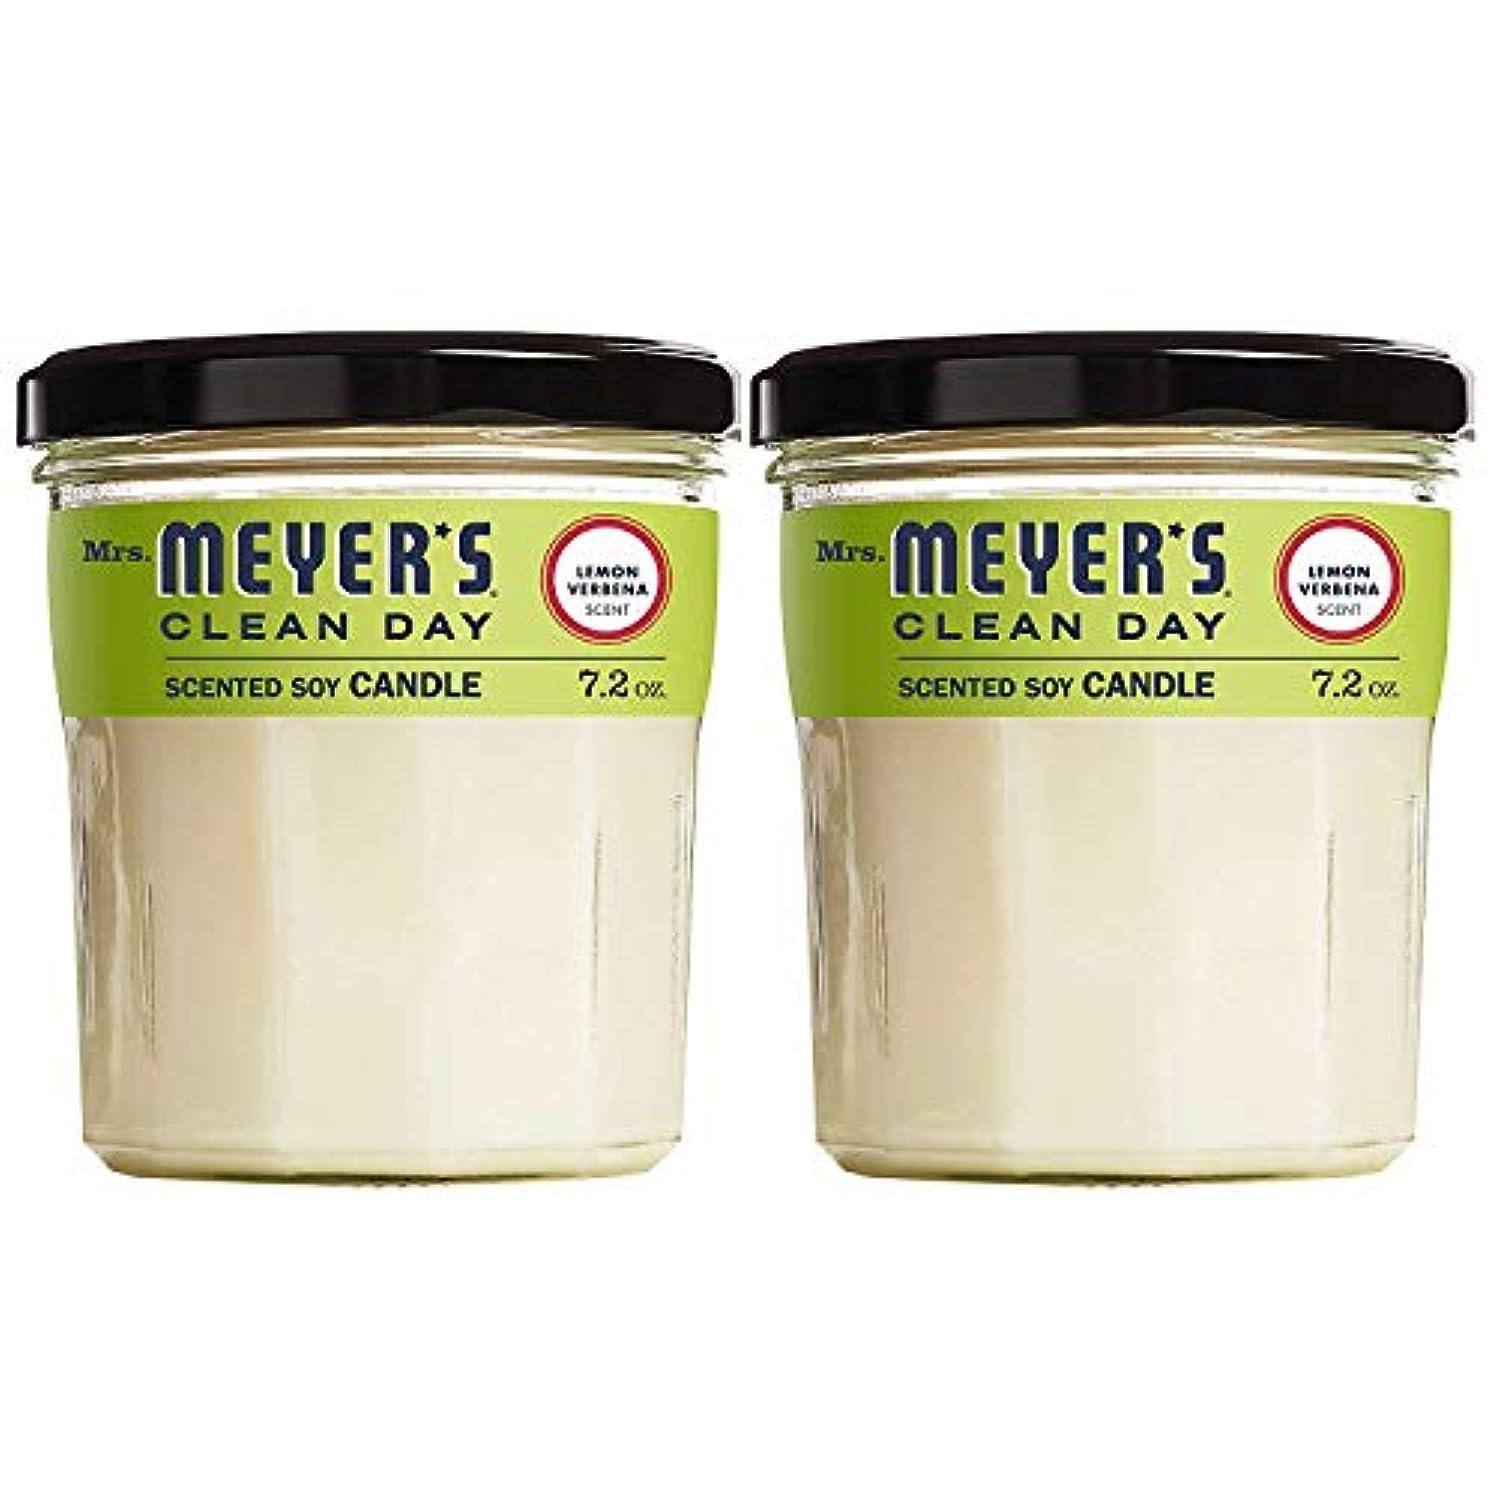 変更発疹叱るMrs. Meyer's Clean Day 香り付きソイキャンドル レモンバーベナ キャンドル 7.2オンス (2個パック)